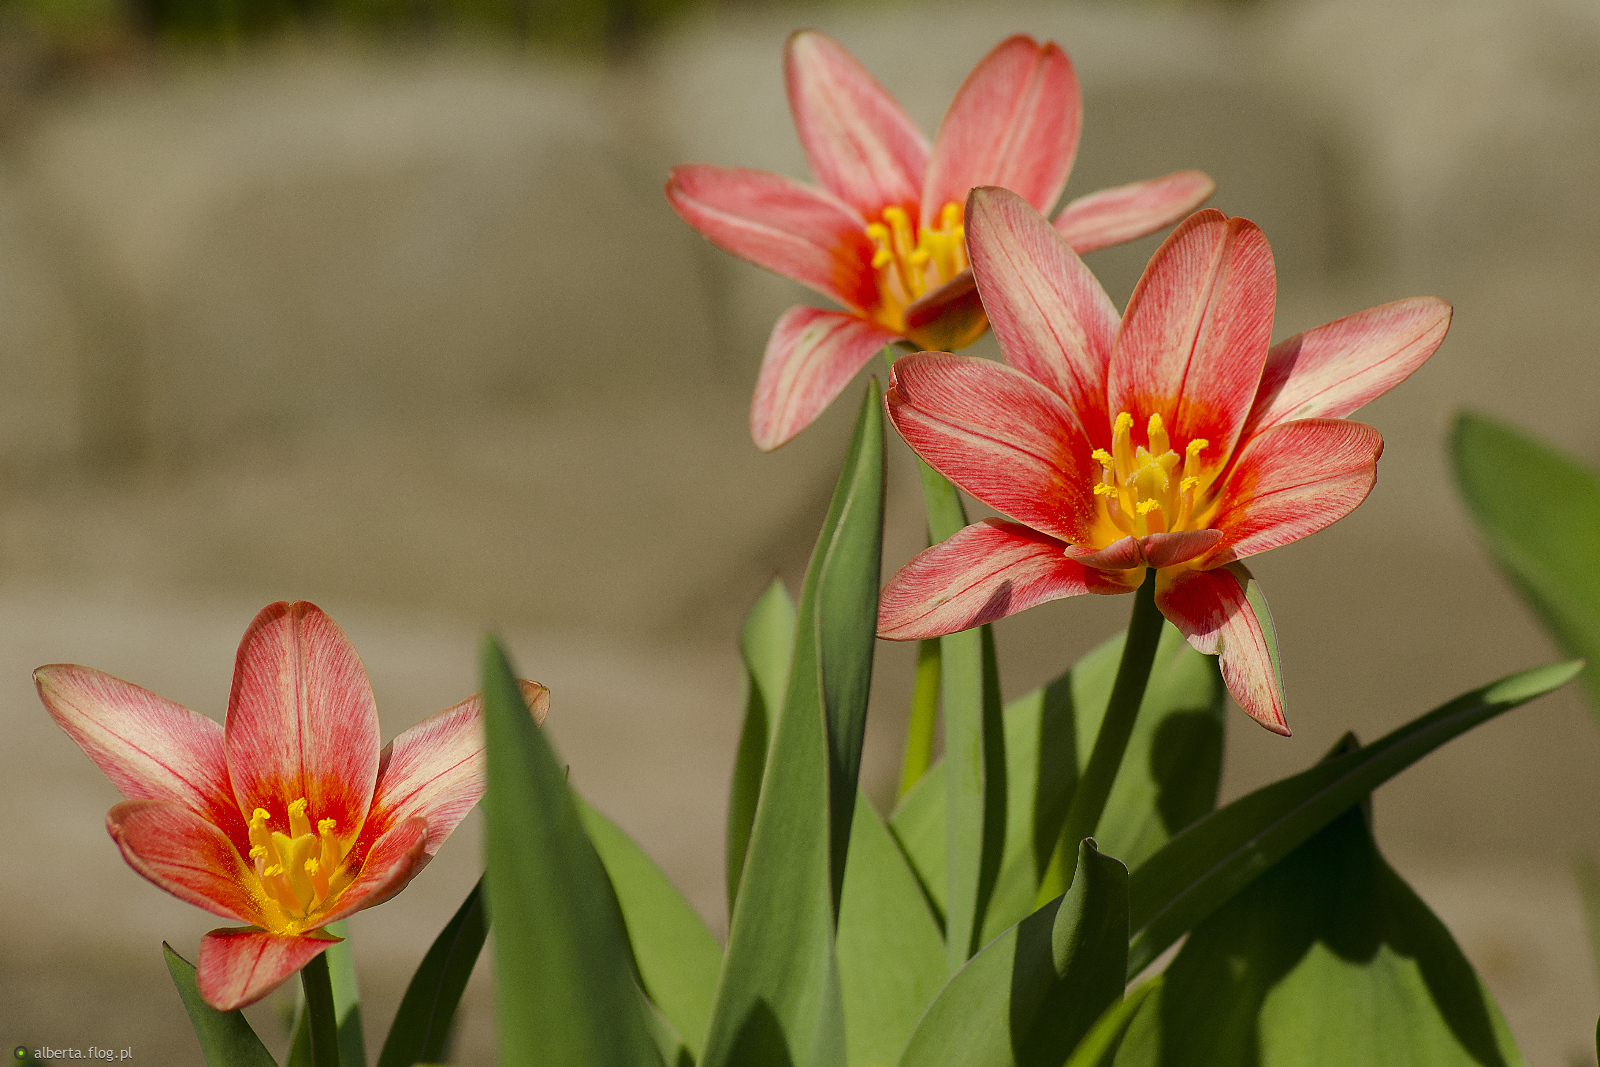 Tulipanowe miniaturki z podziękowaniewm za dedykację! Serdecznie pozdrawiam:)